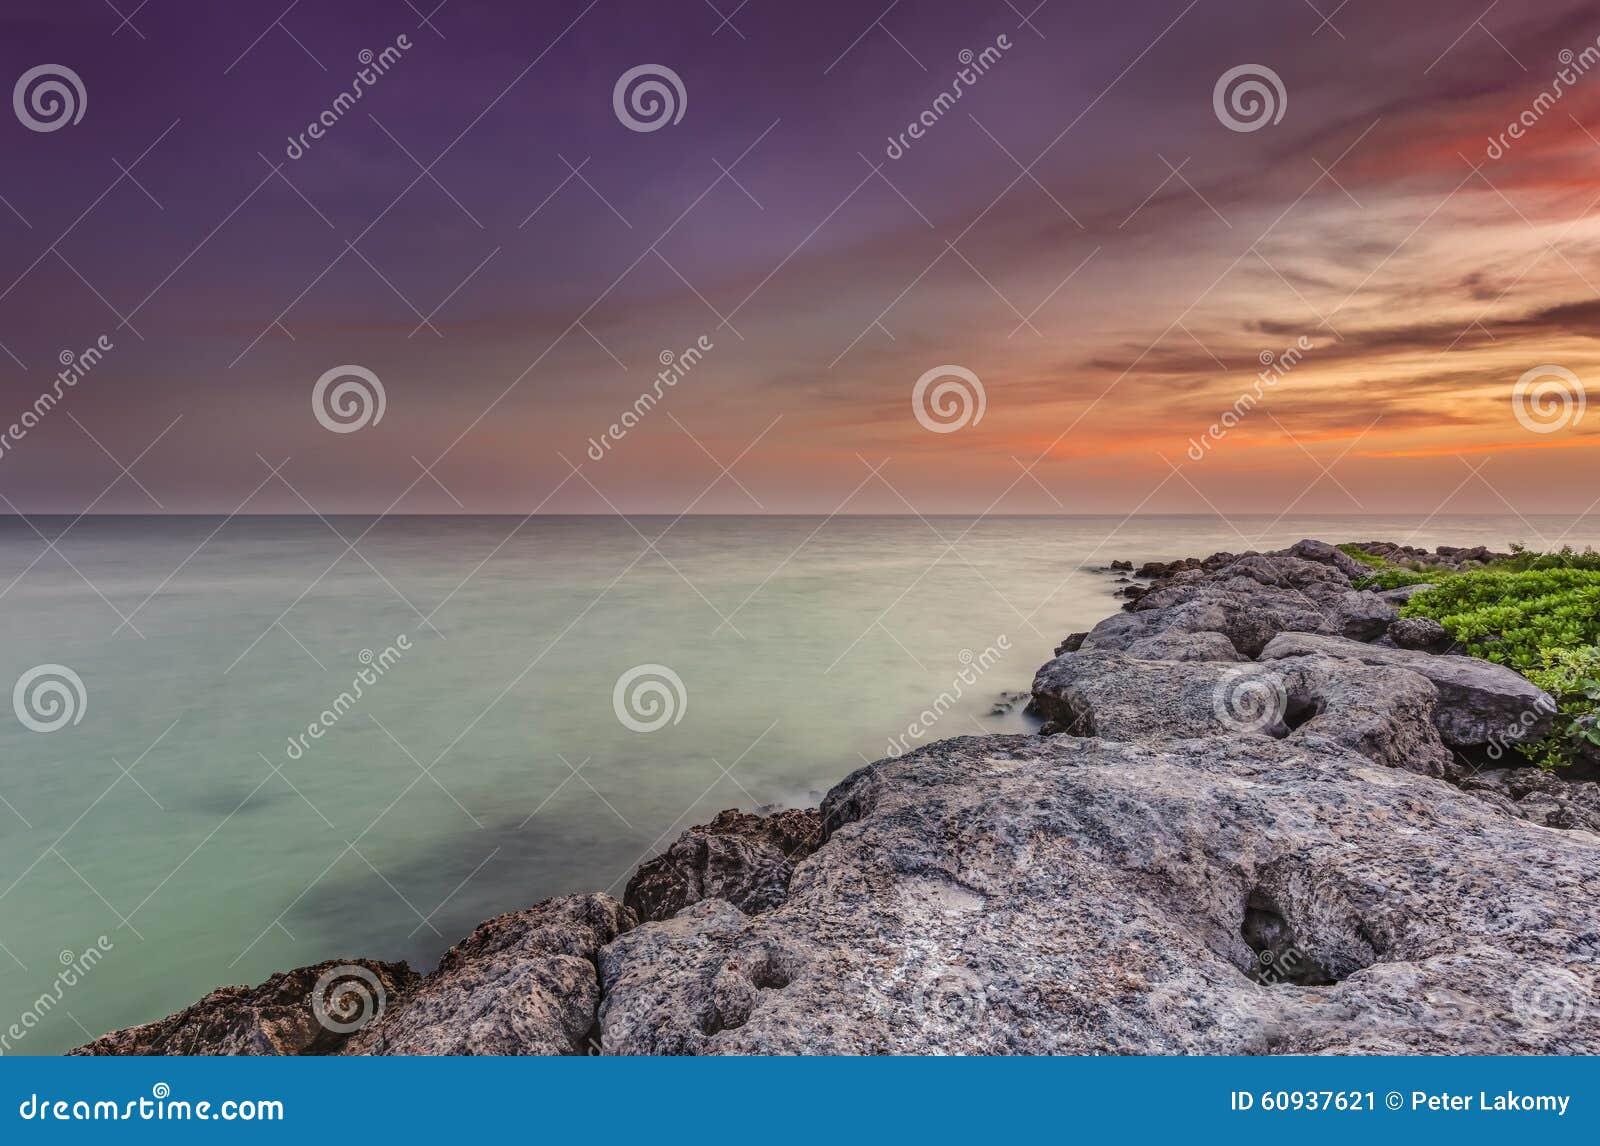 Sunst sobre el océano